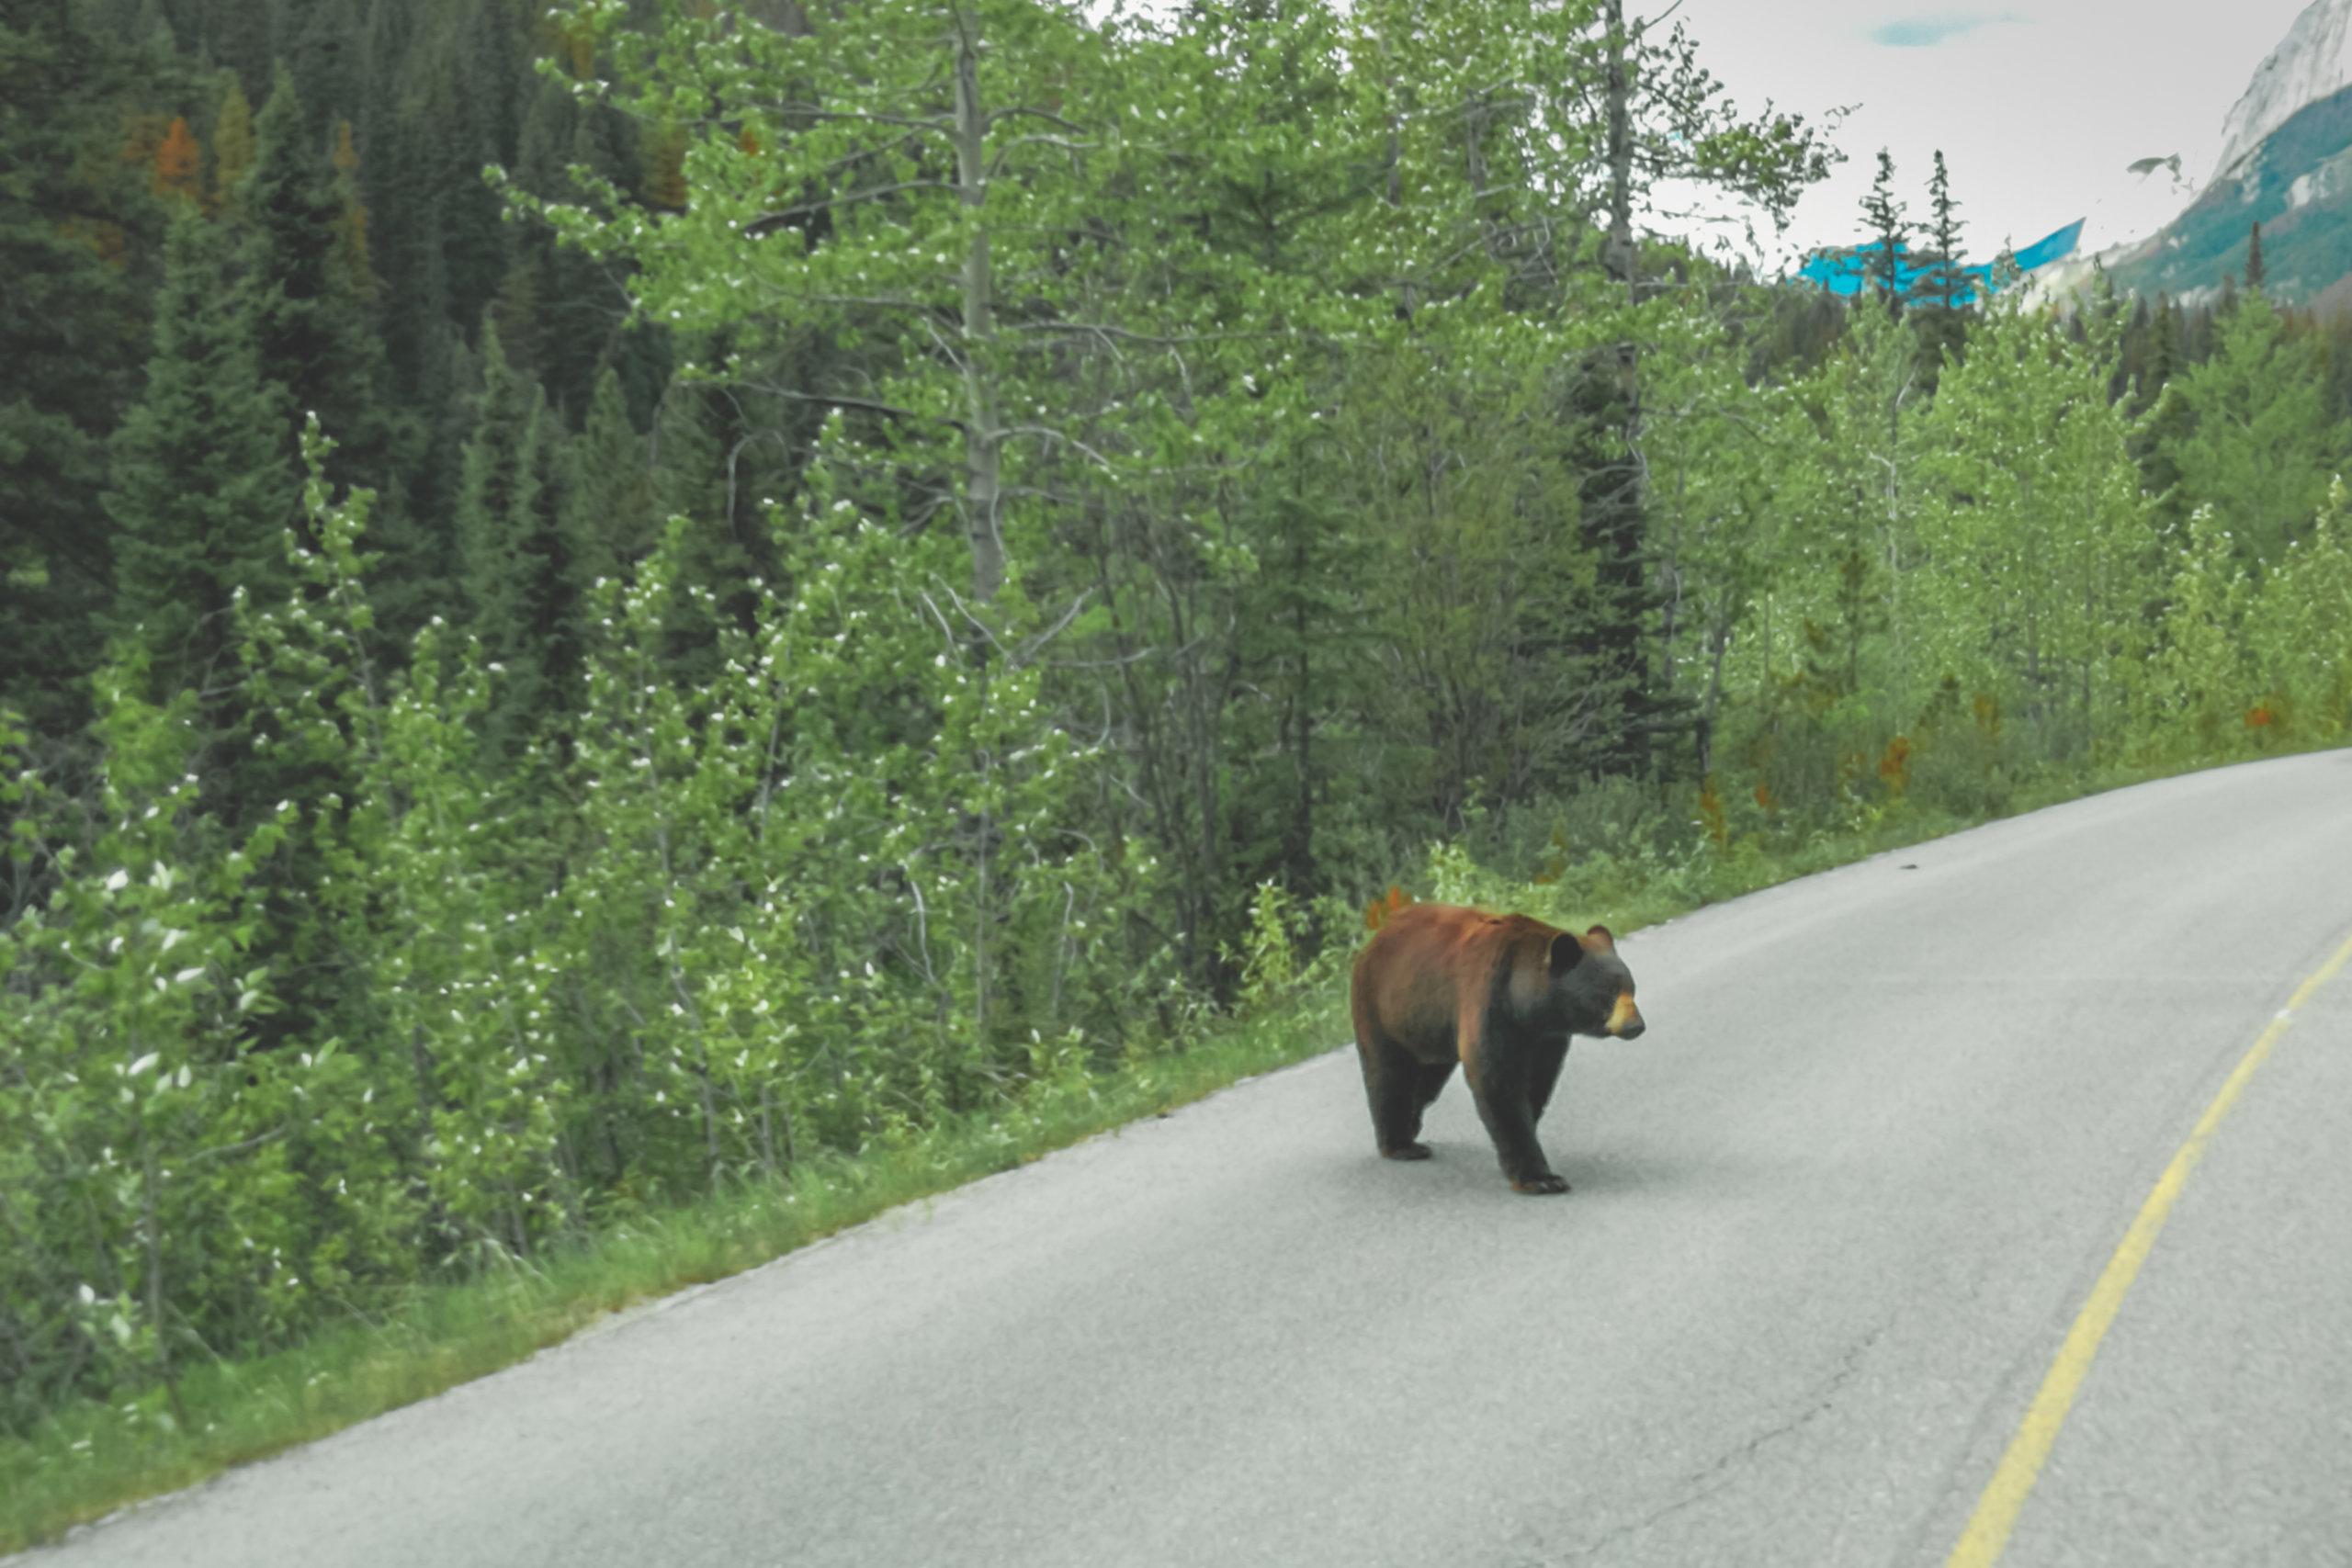 Schwarzbär mitten auf dem Highway